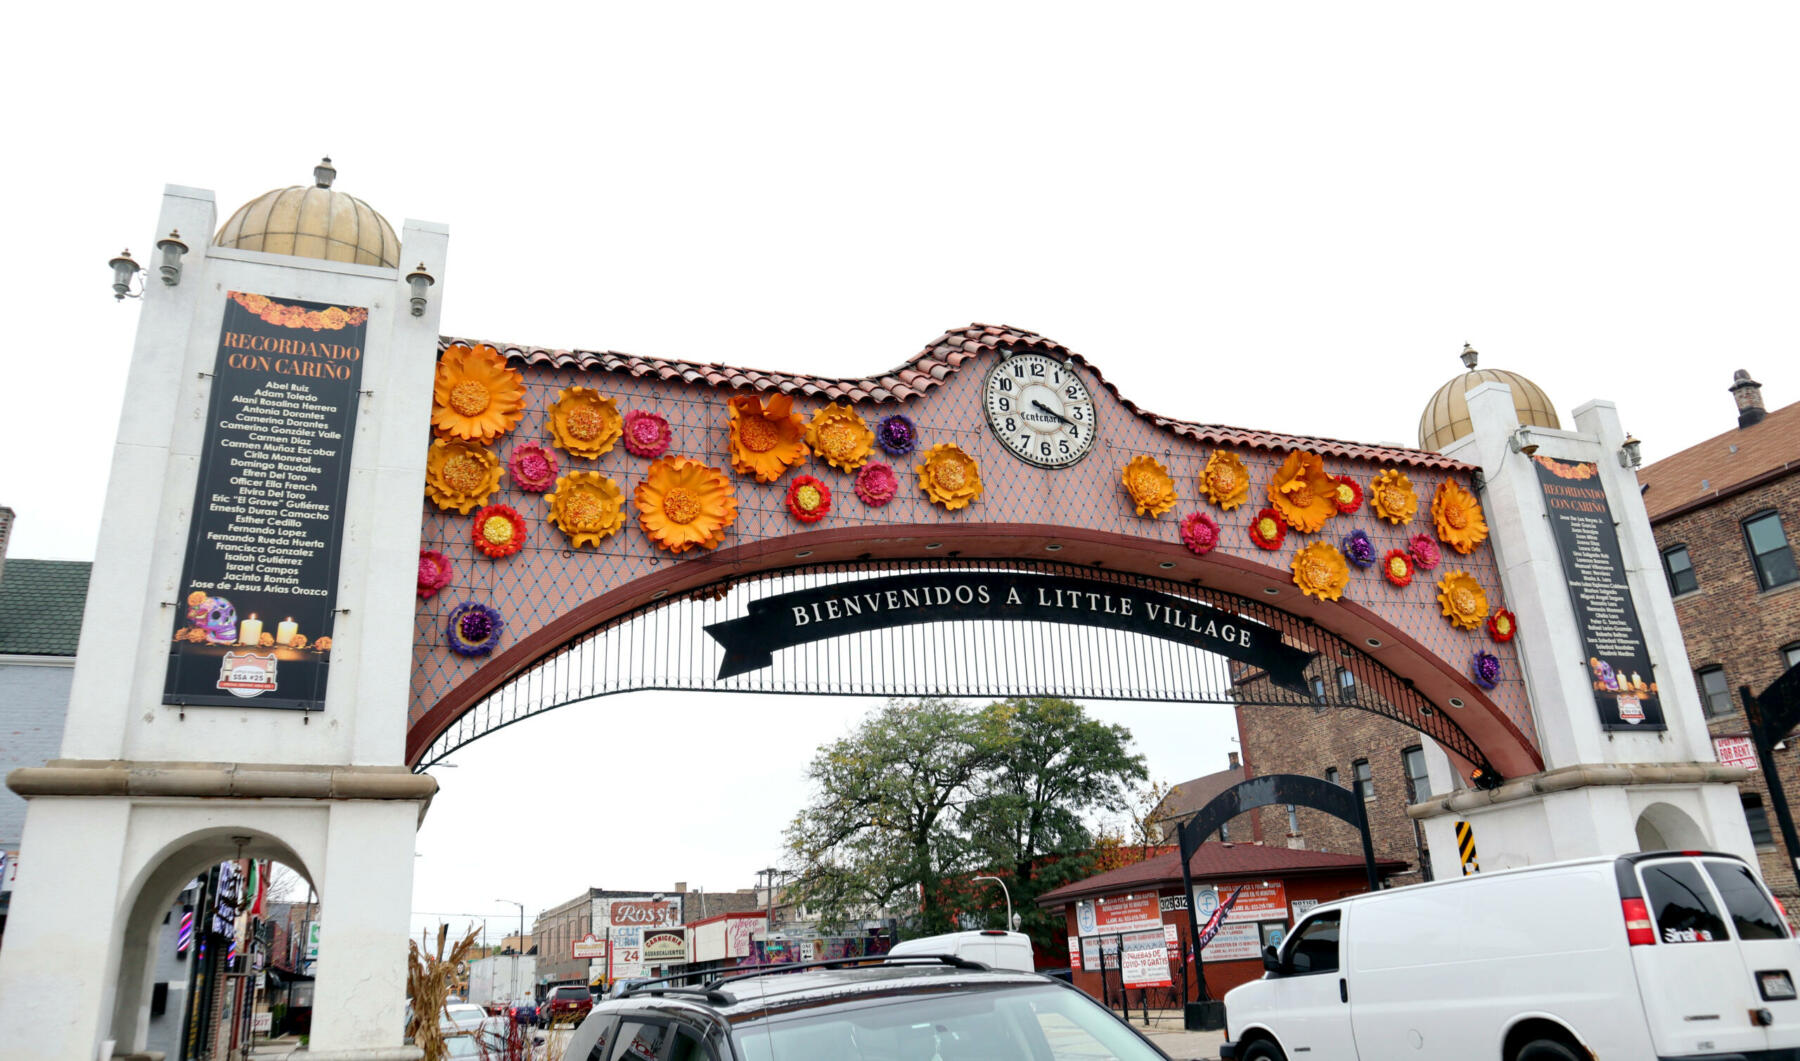 Little Village arch